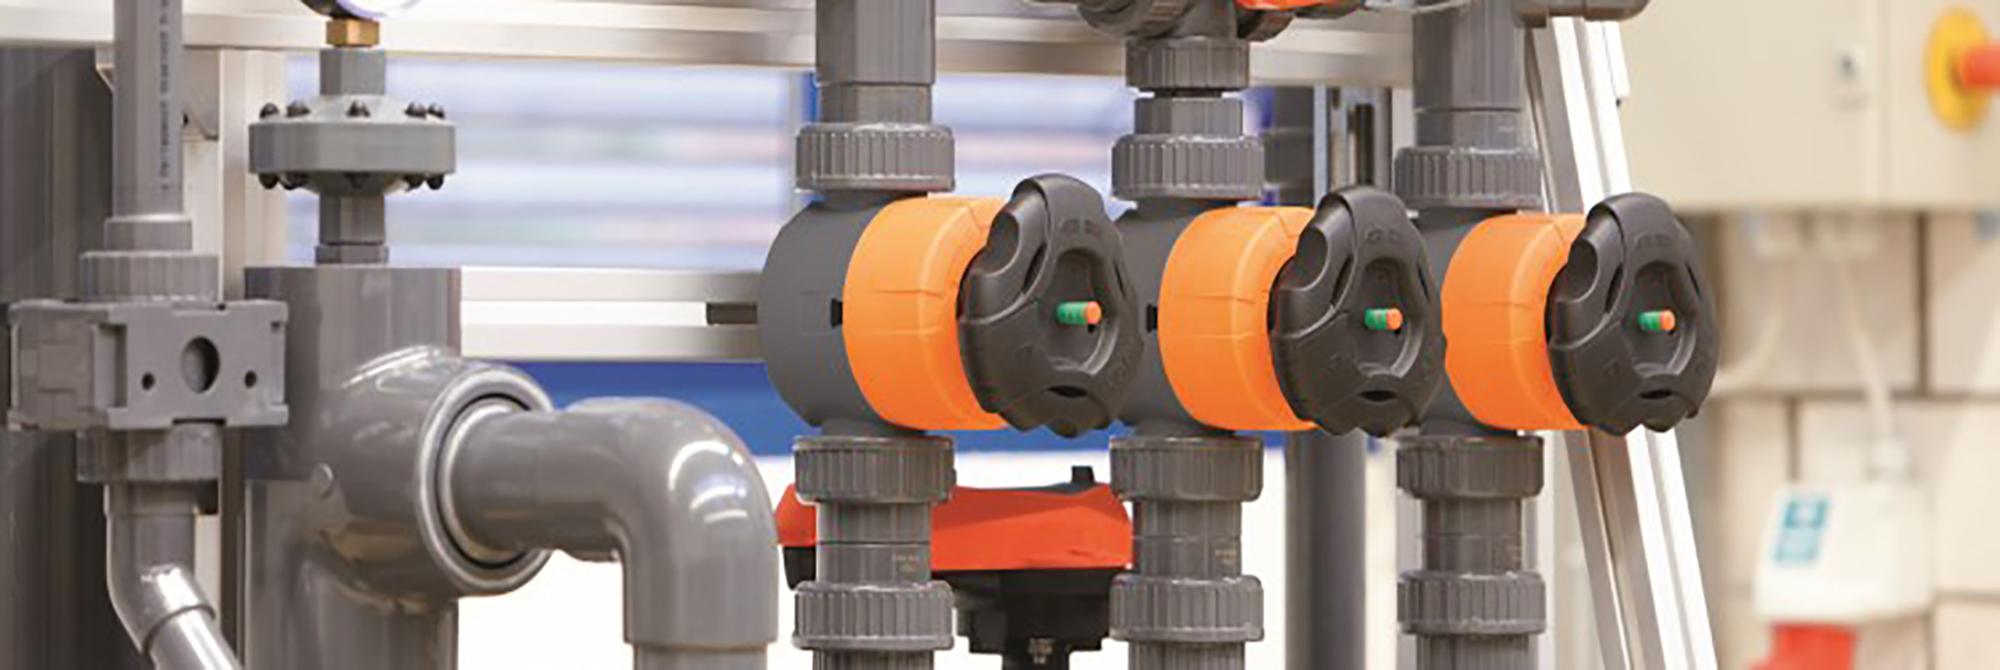 Afbeelding ABS industriele leidingsystemen